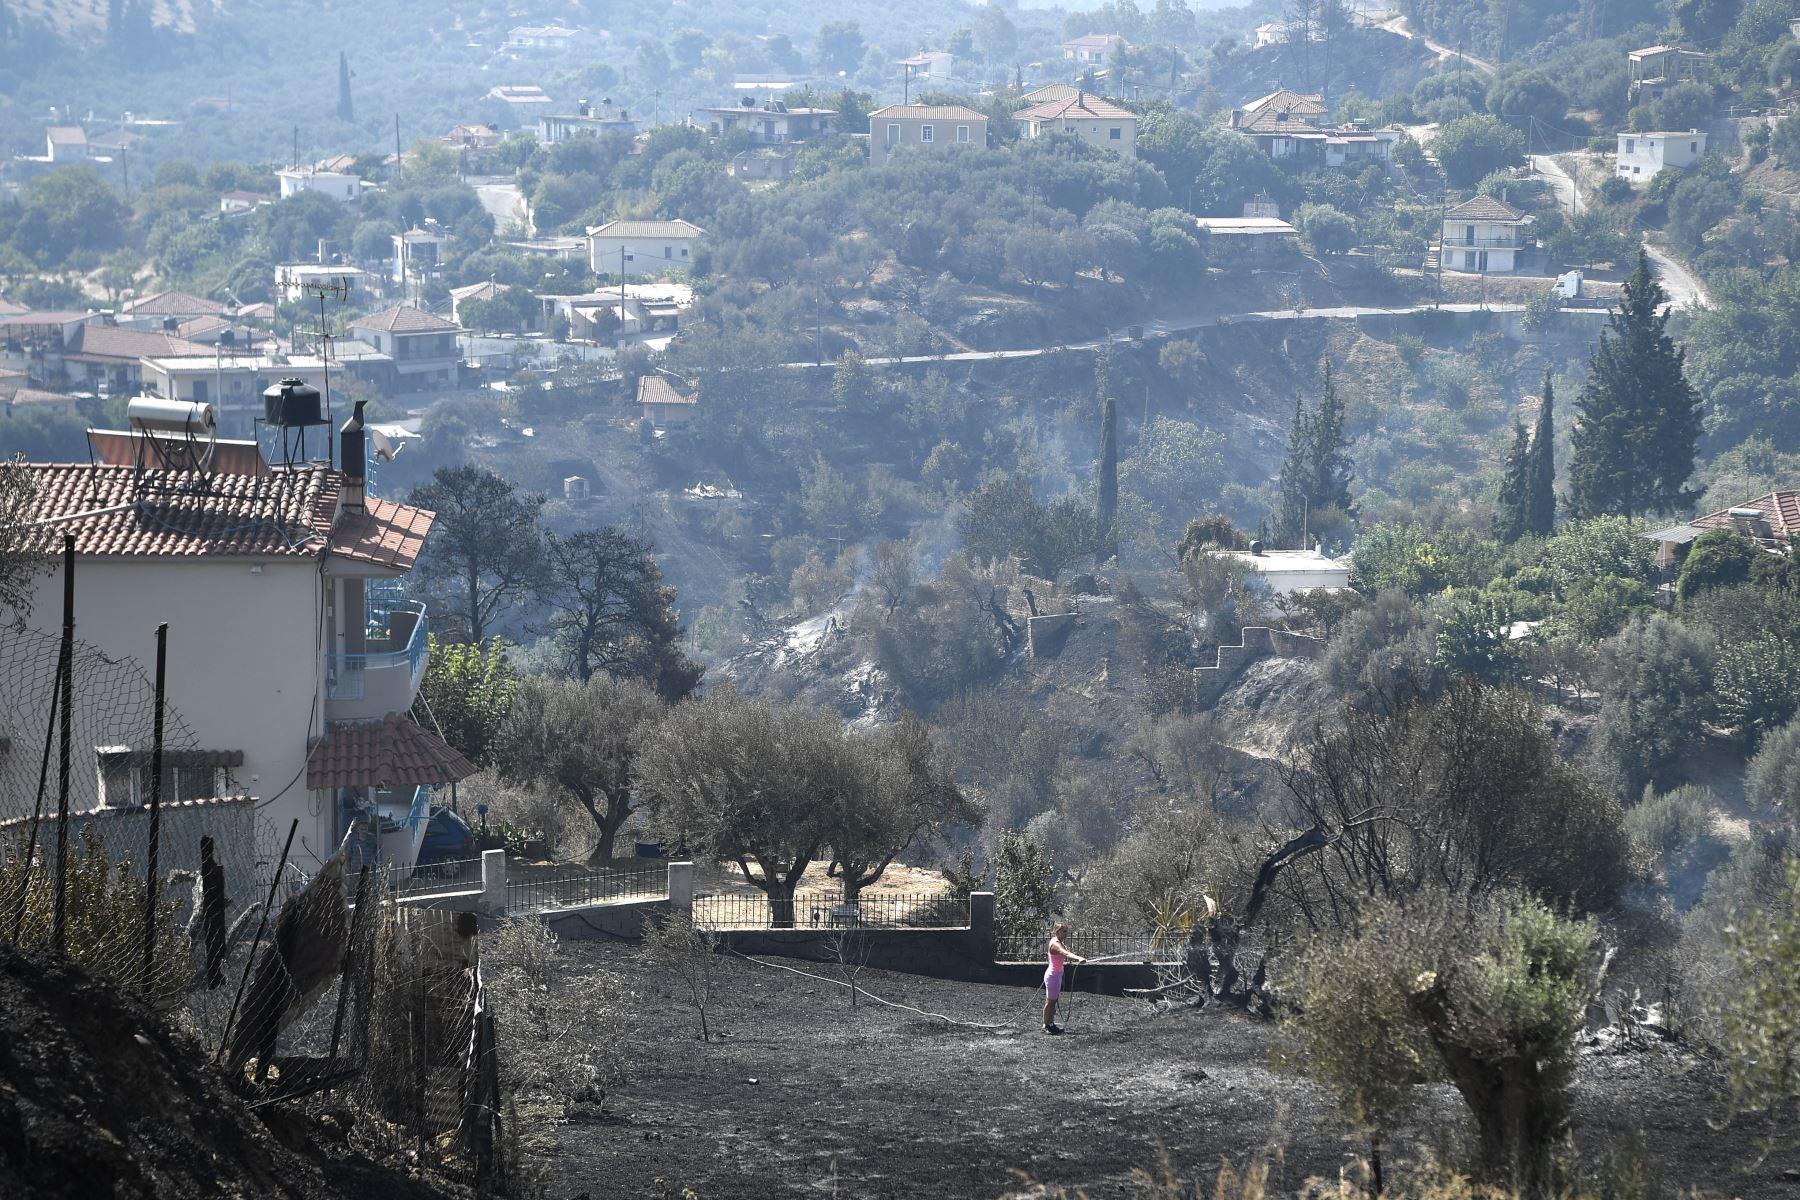 Un residente local limpia el trabajo en un jardín quemado en Ziria, al este de Patras. Las autoridades griegas lidiando con un gran incendio forestal. Foto: AFP